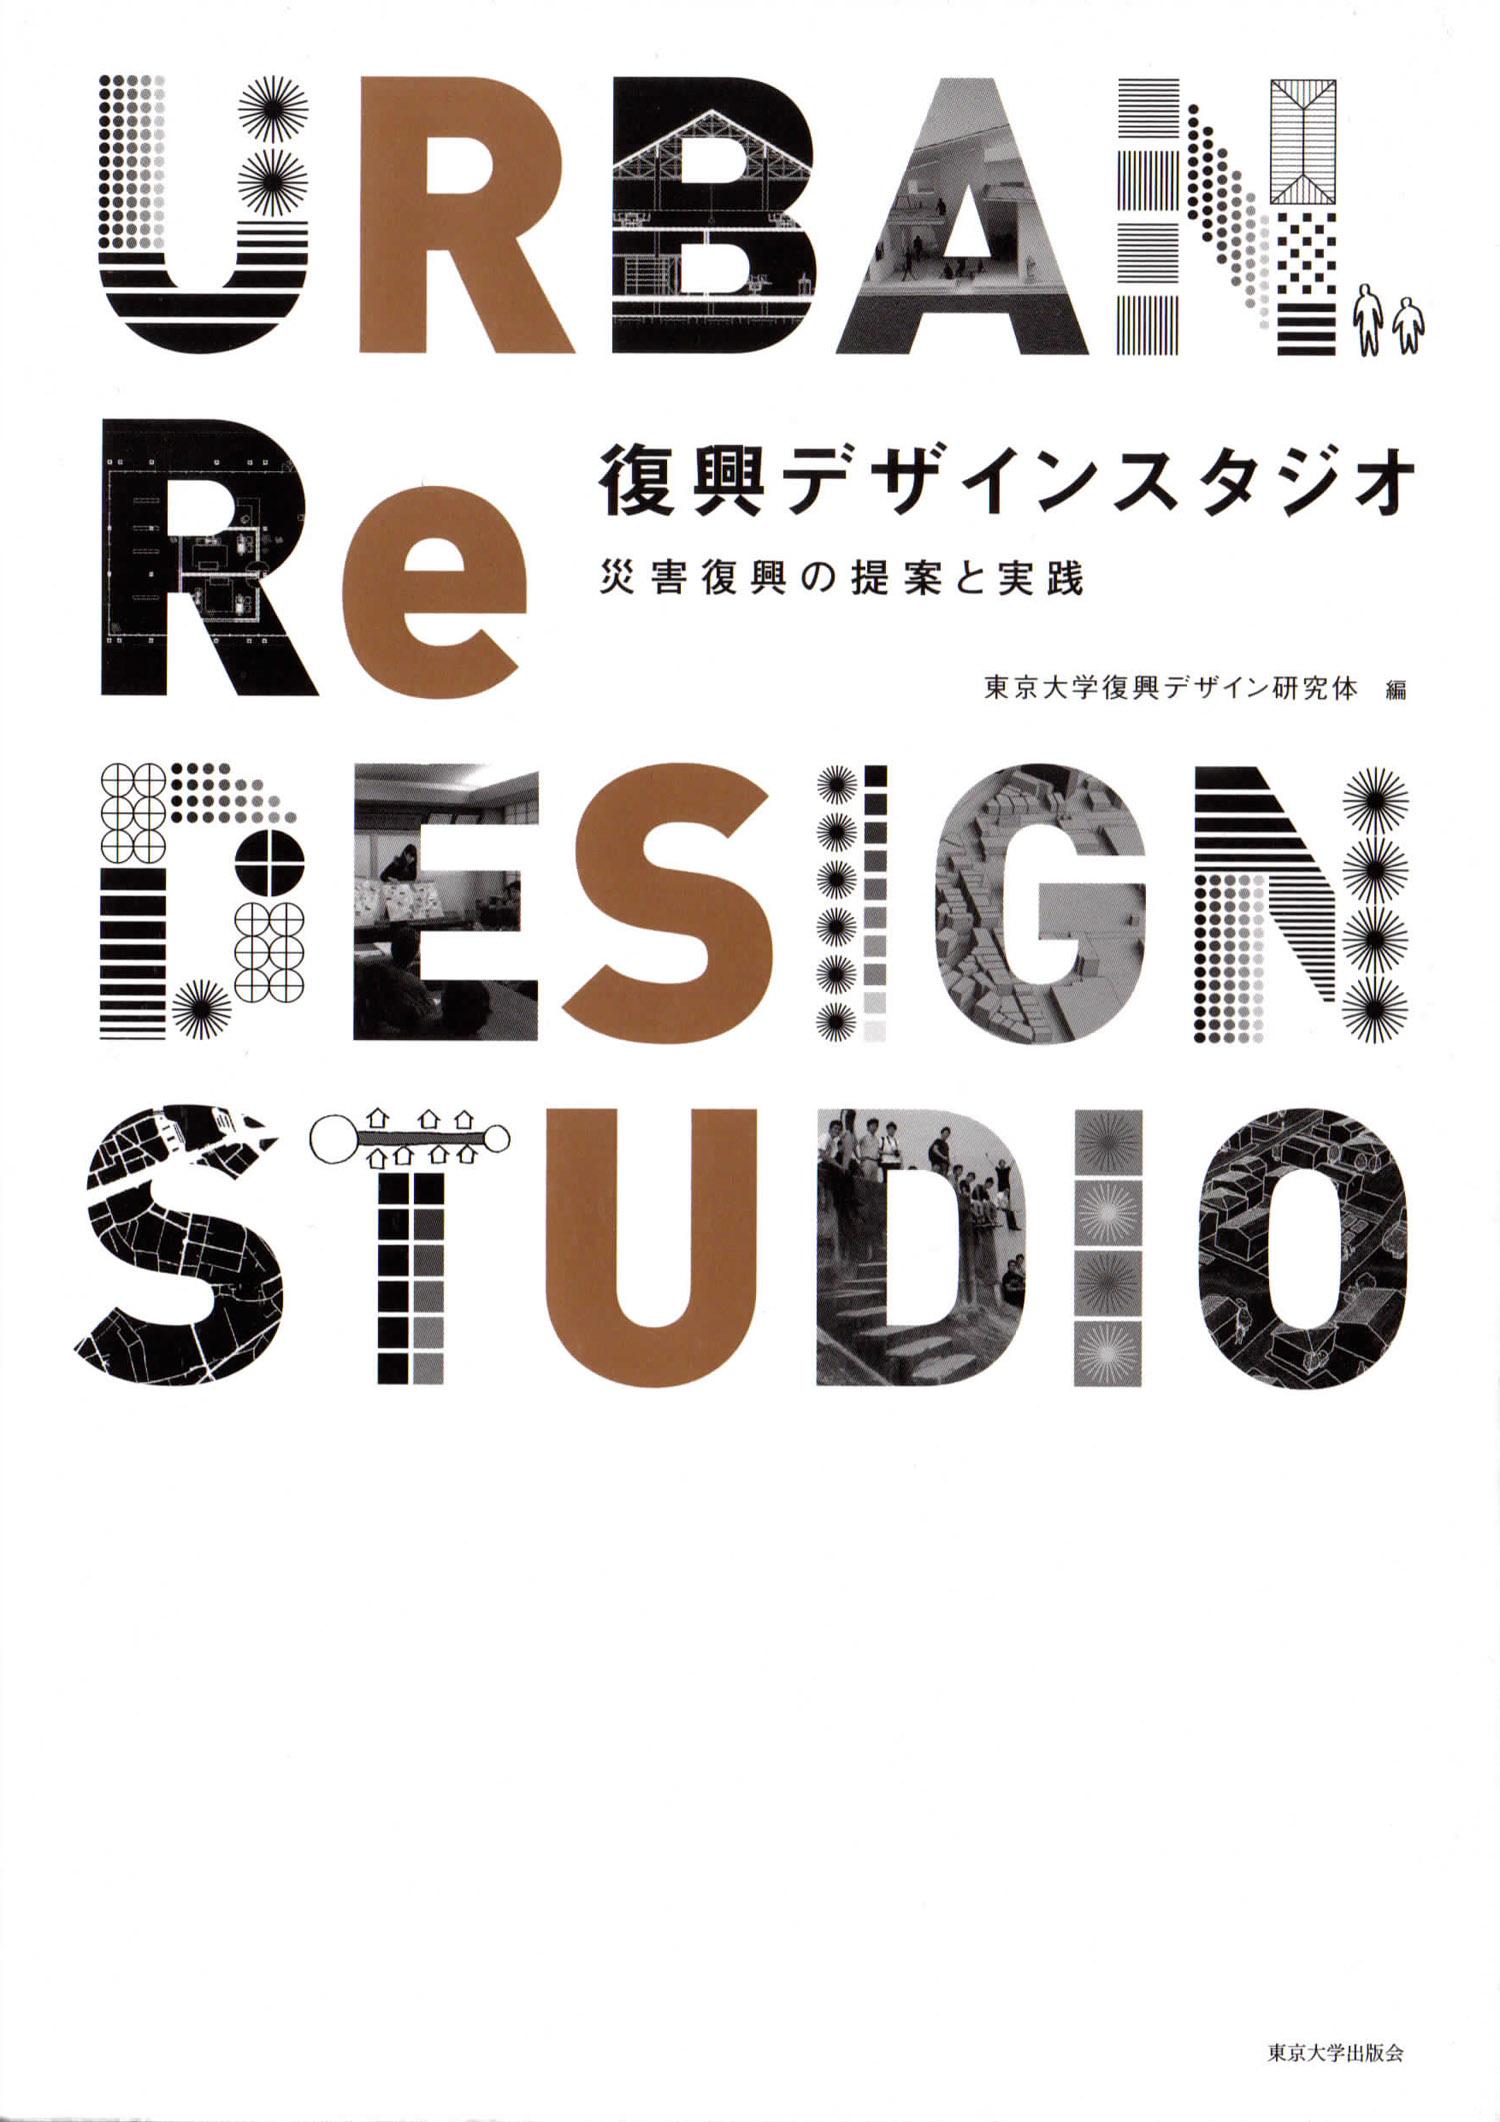 復興デザインスタジオ